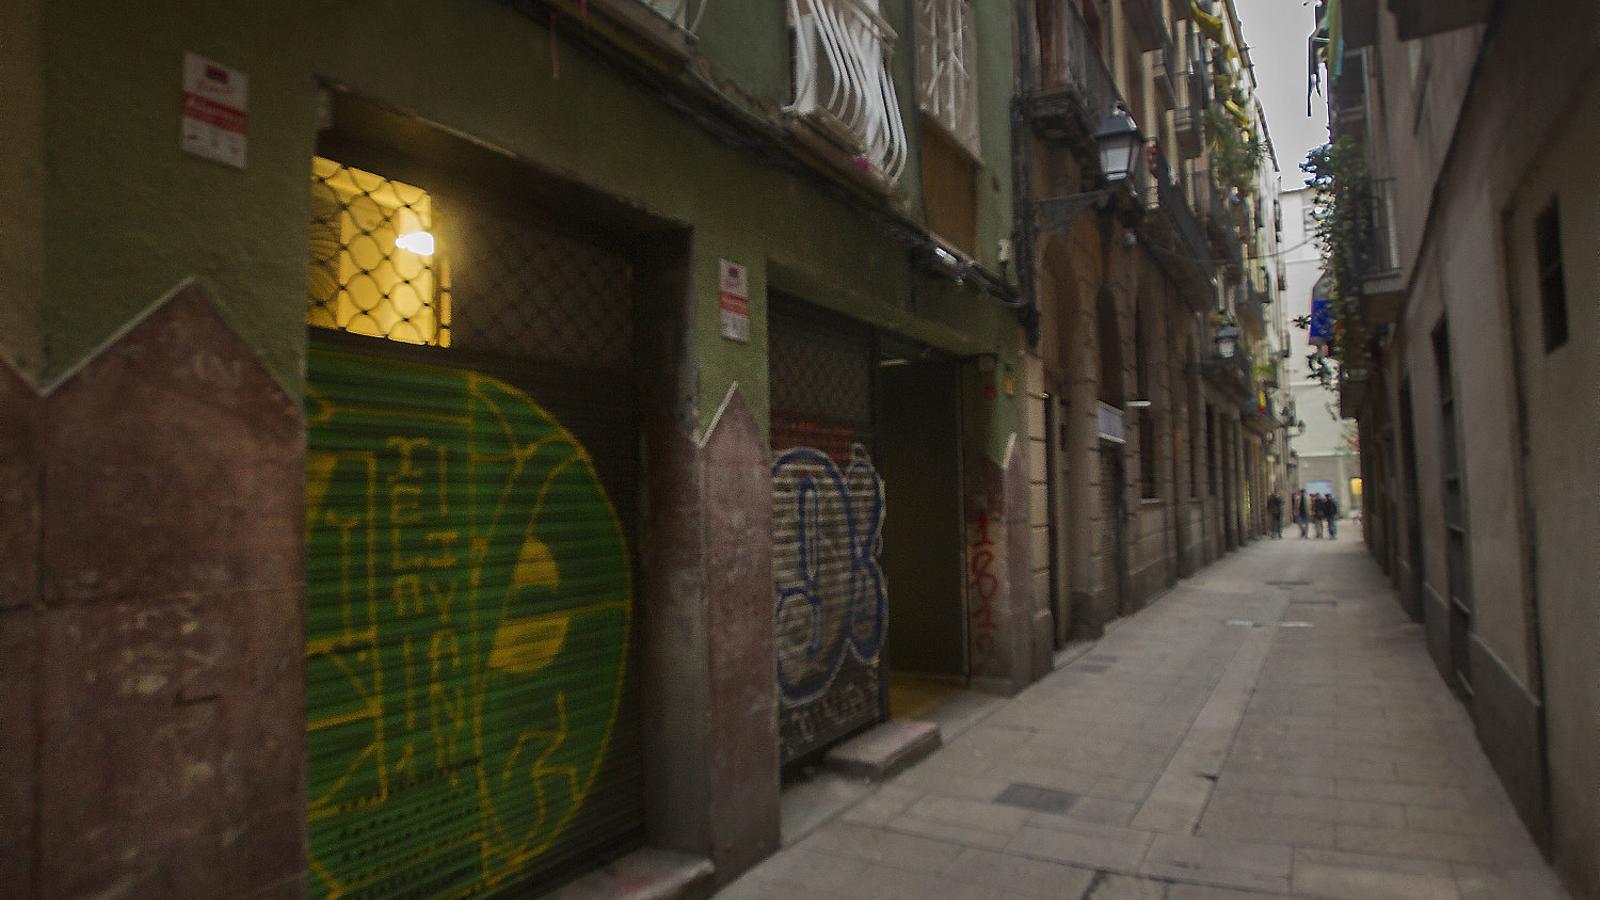 Clubs de cànnabis irregulars tensen el Barri Gòtic